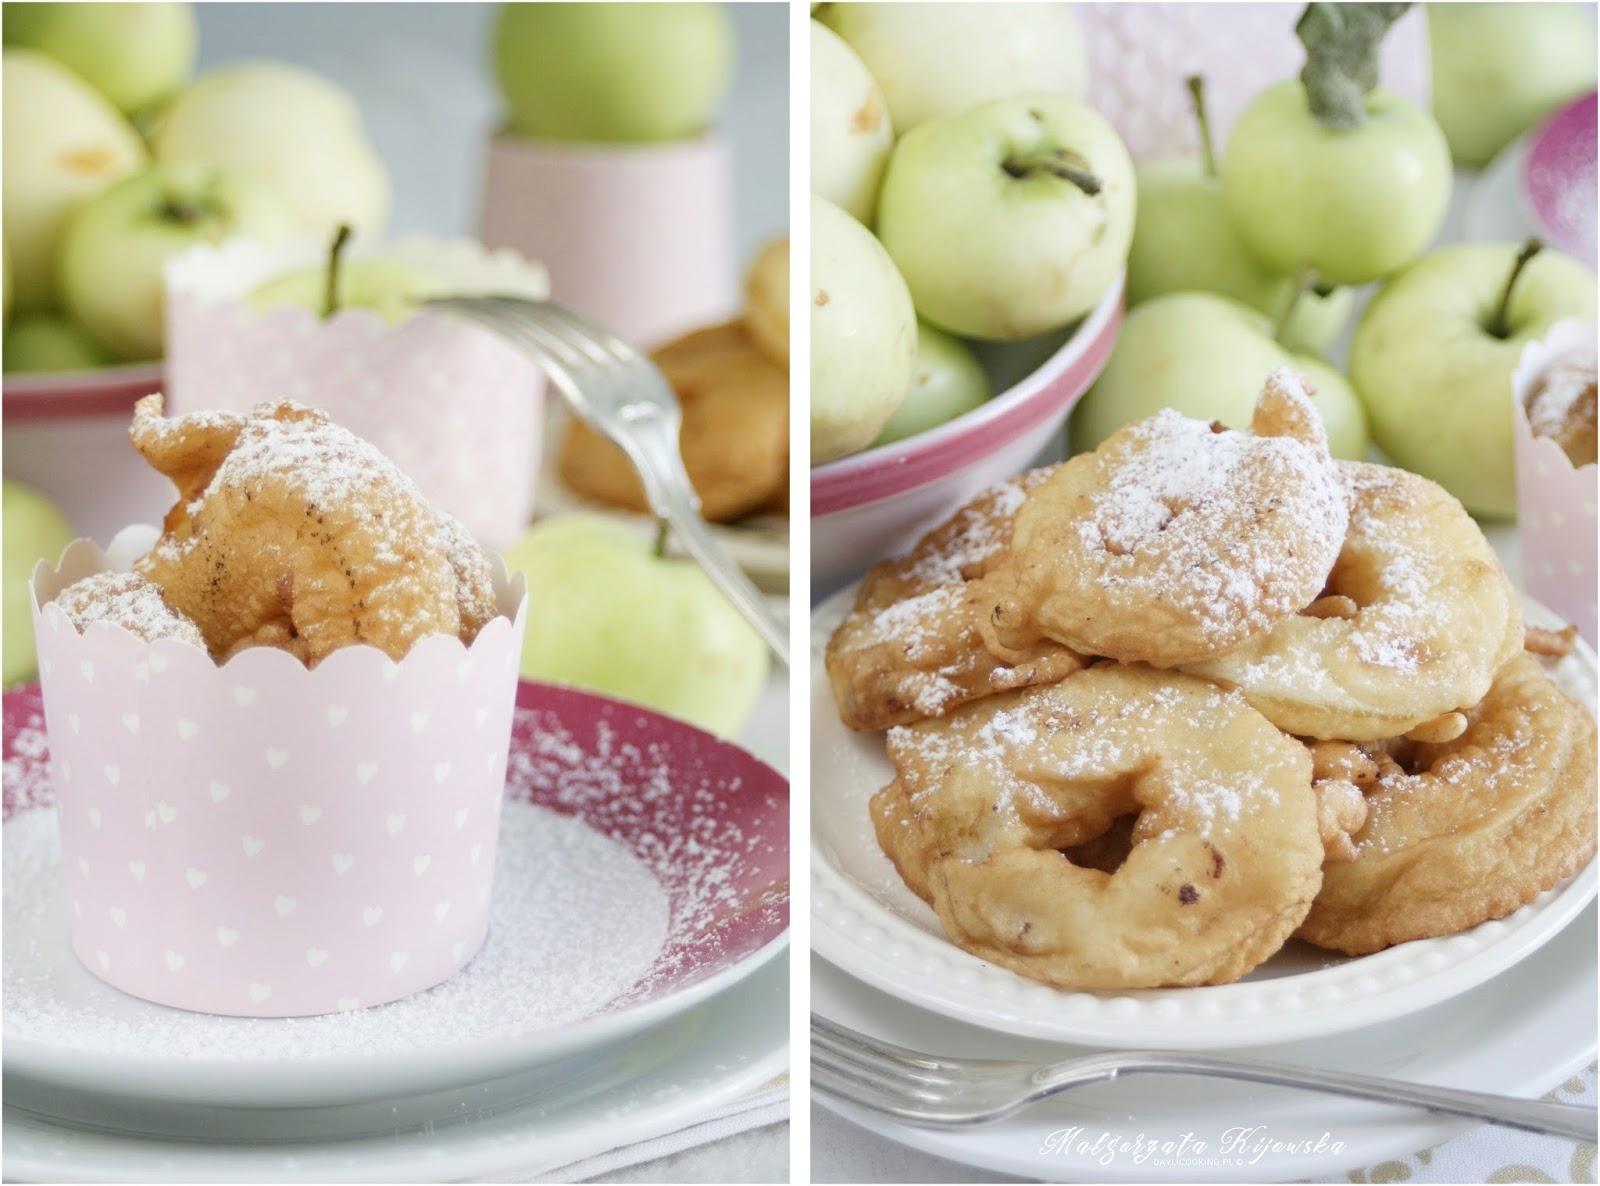 jabłka w cieście, deser z jabłek, daylicooking, Małgorzata Kijowska